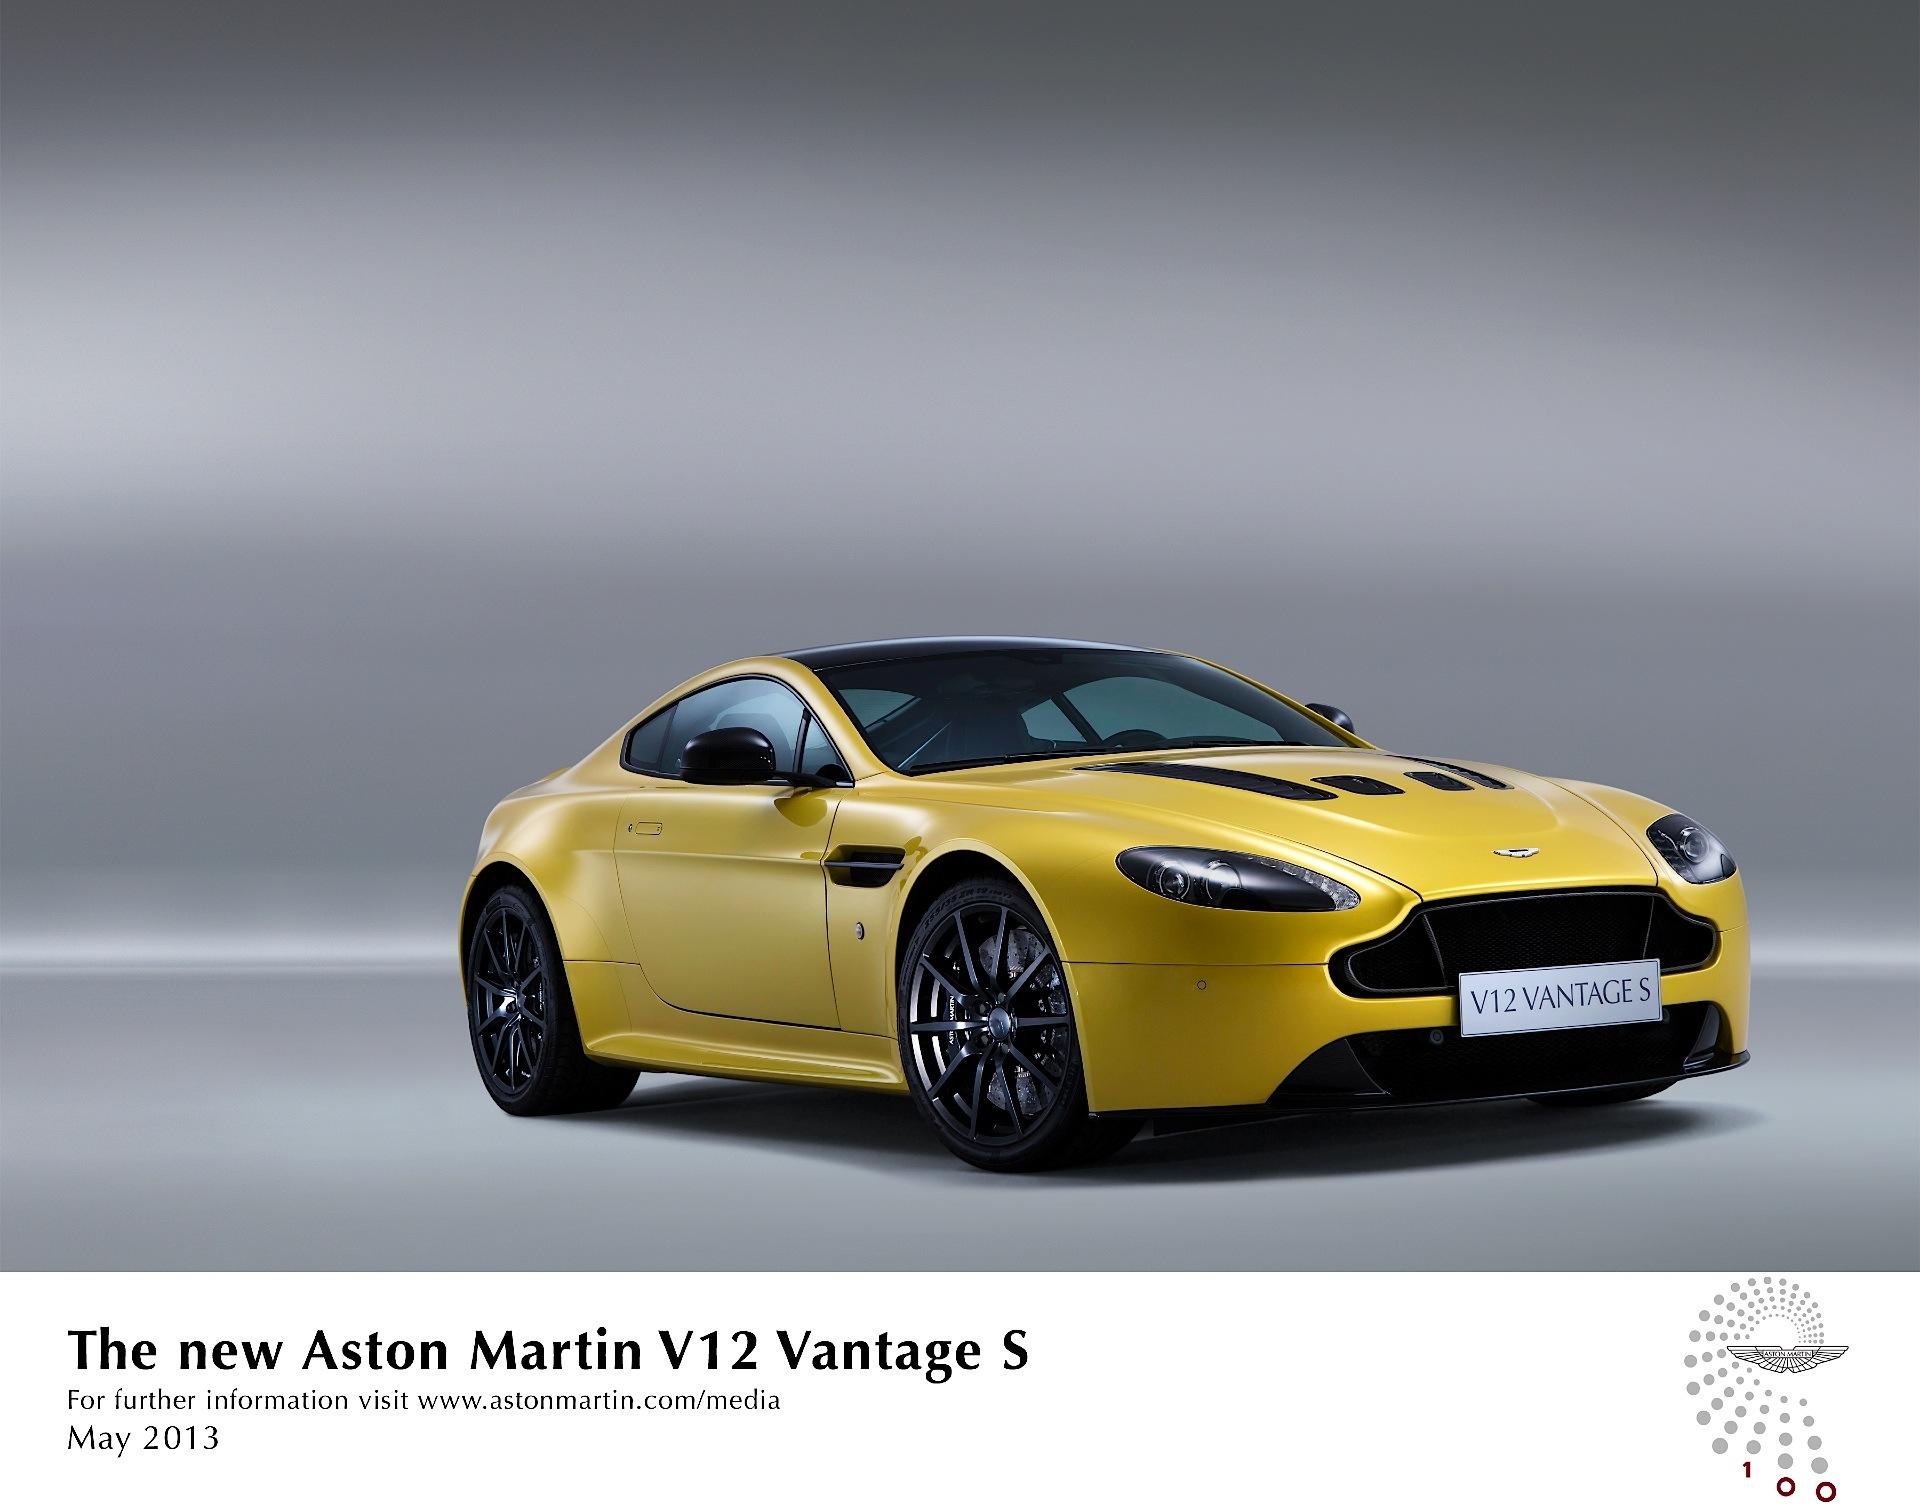 Aston Martin V12 Vantage S Spezifikationen Fotos 2013 2014 2015 2016 2017 2018 Autoevolution In Deutscher Sprache